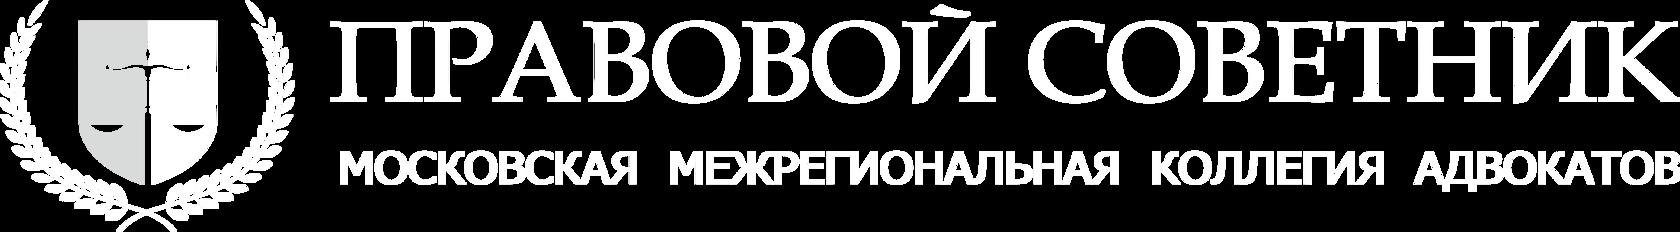 Об организации